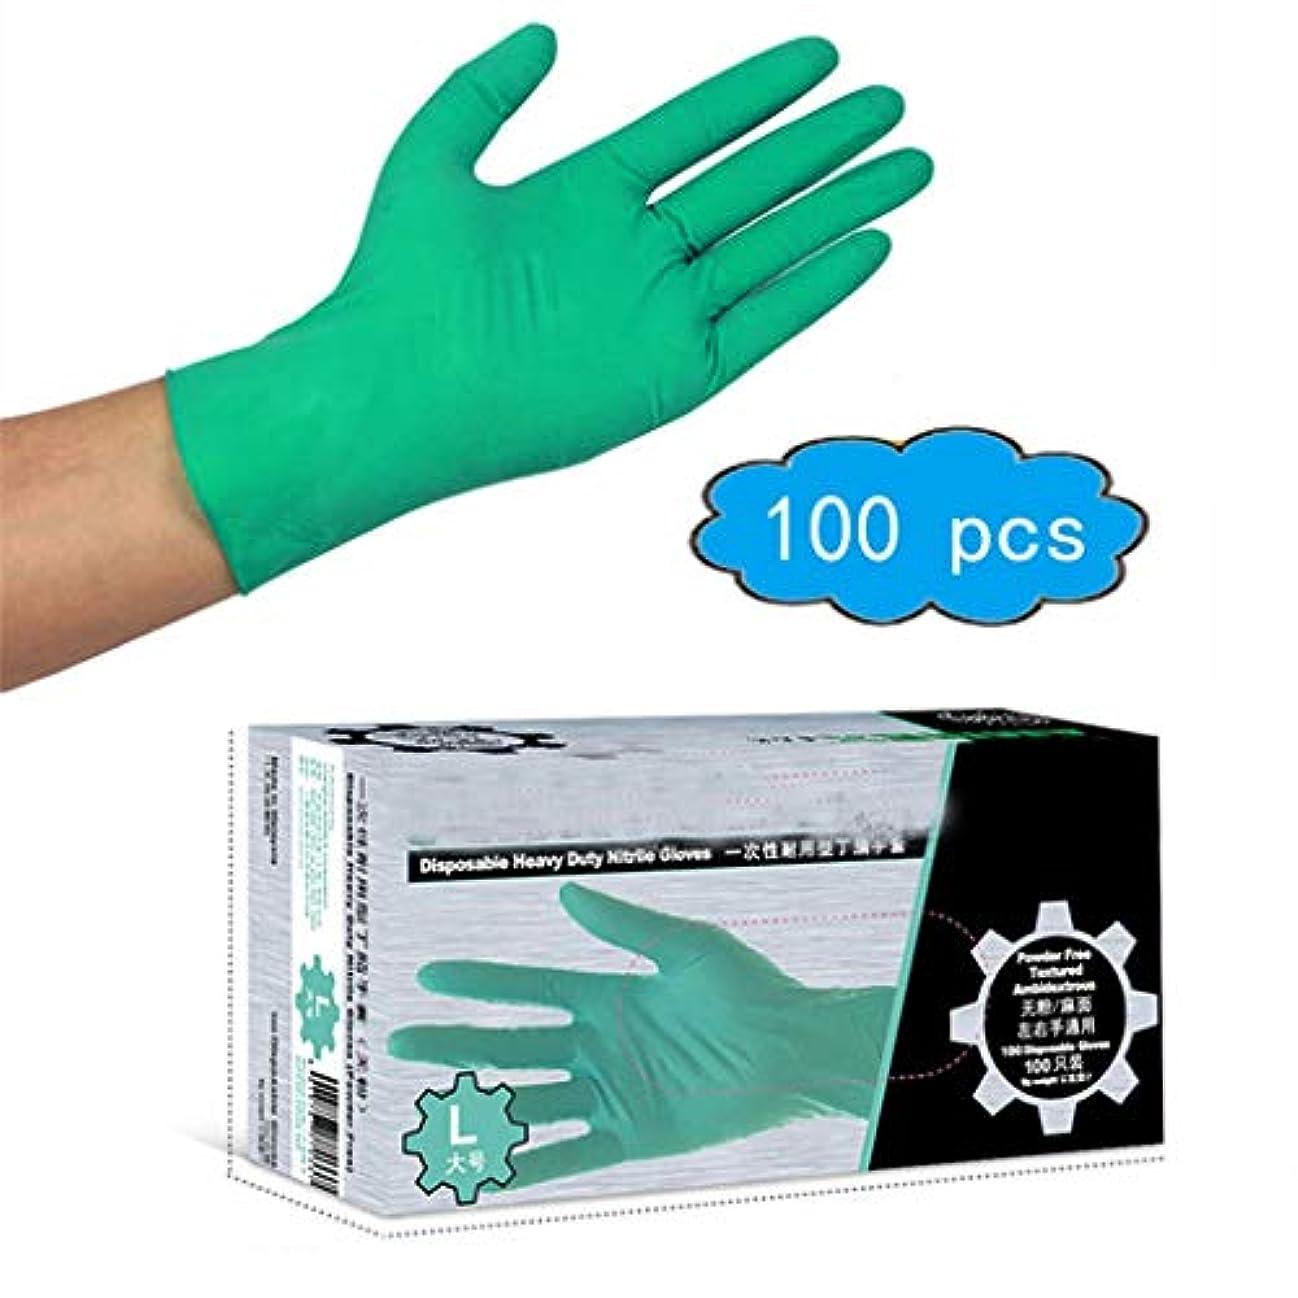 背の高いアナロジー習慣使い捨てニトリル手袋、100箱、厚くて耐久性のある、緑、ニトリル研究所、耐油性、酸およびアルカリ、食品用手袋 (Color : Green, Size : L)